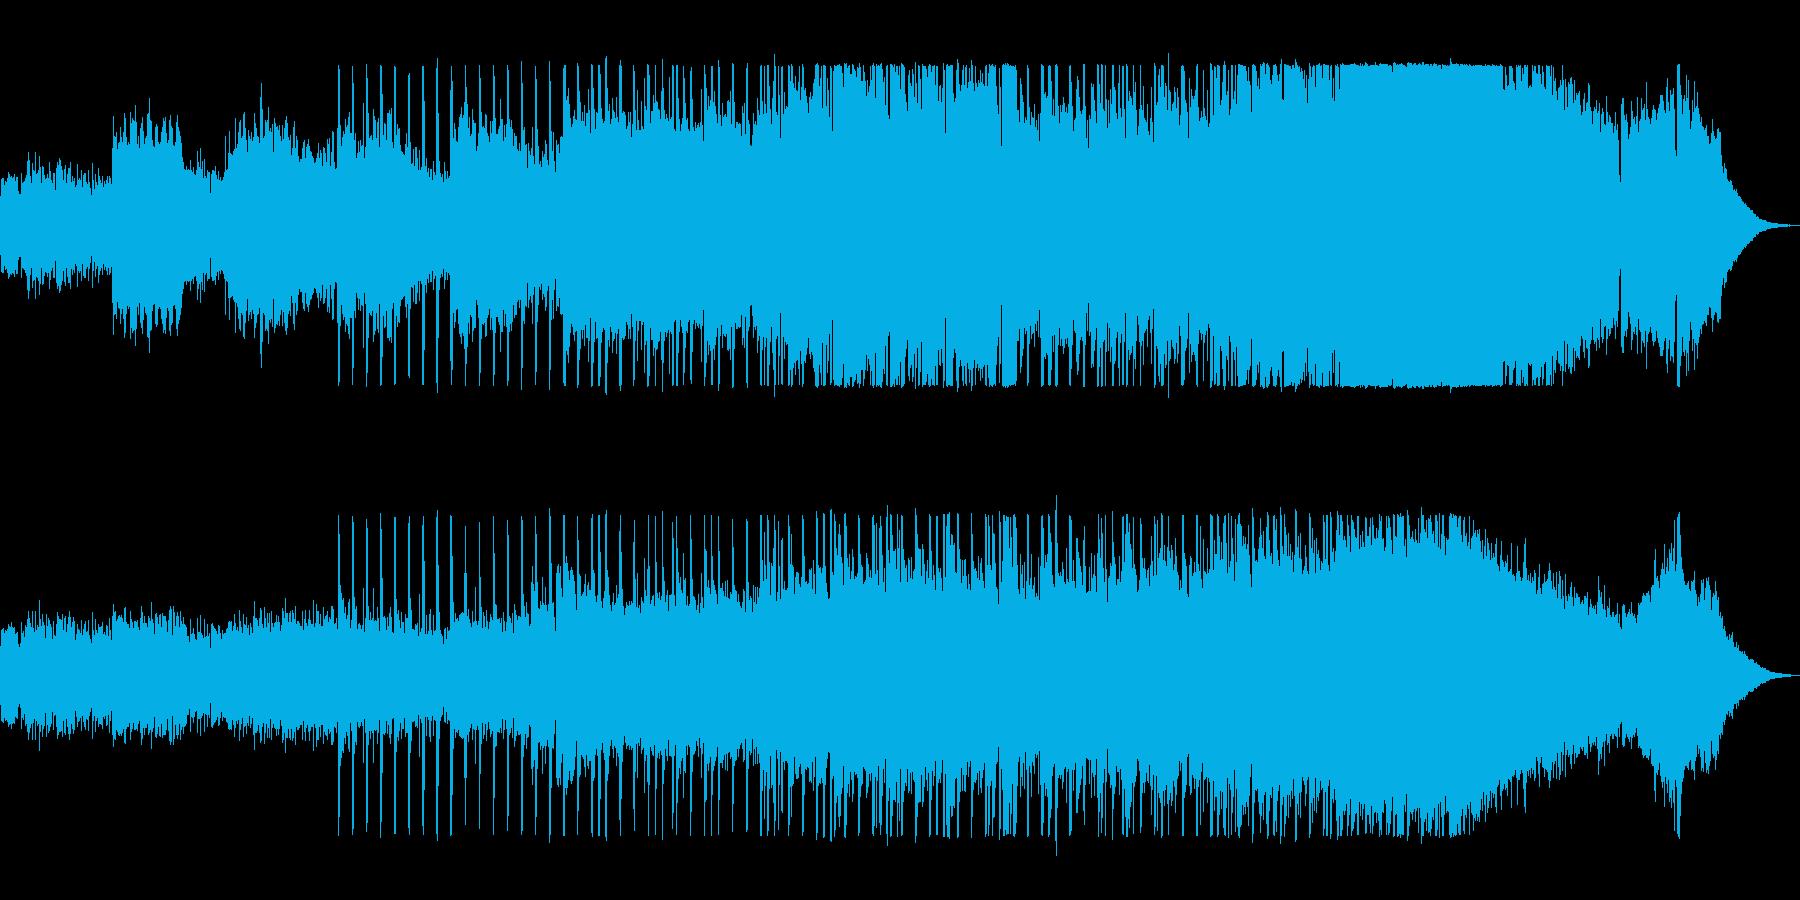 ドラマ感とミステリアスなギターシンセの再生済みの波形